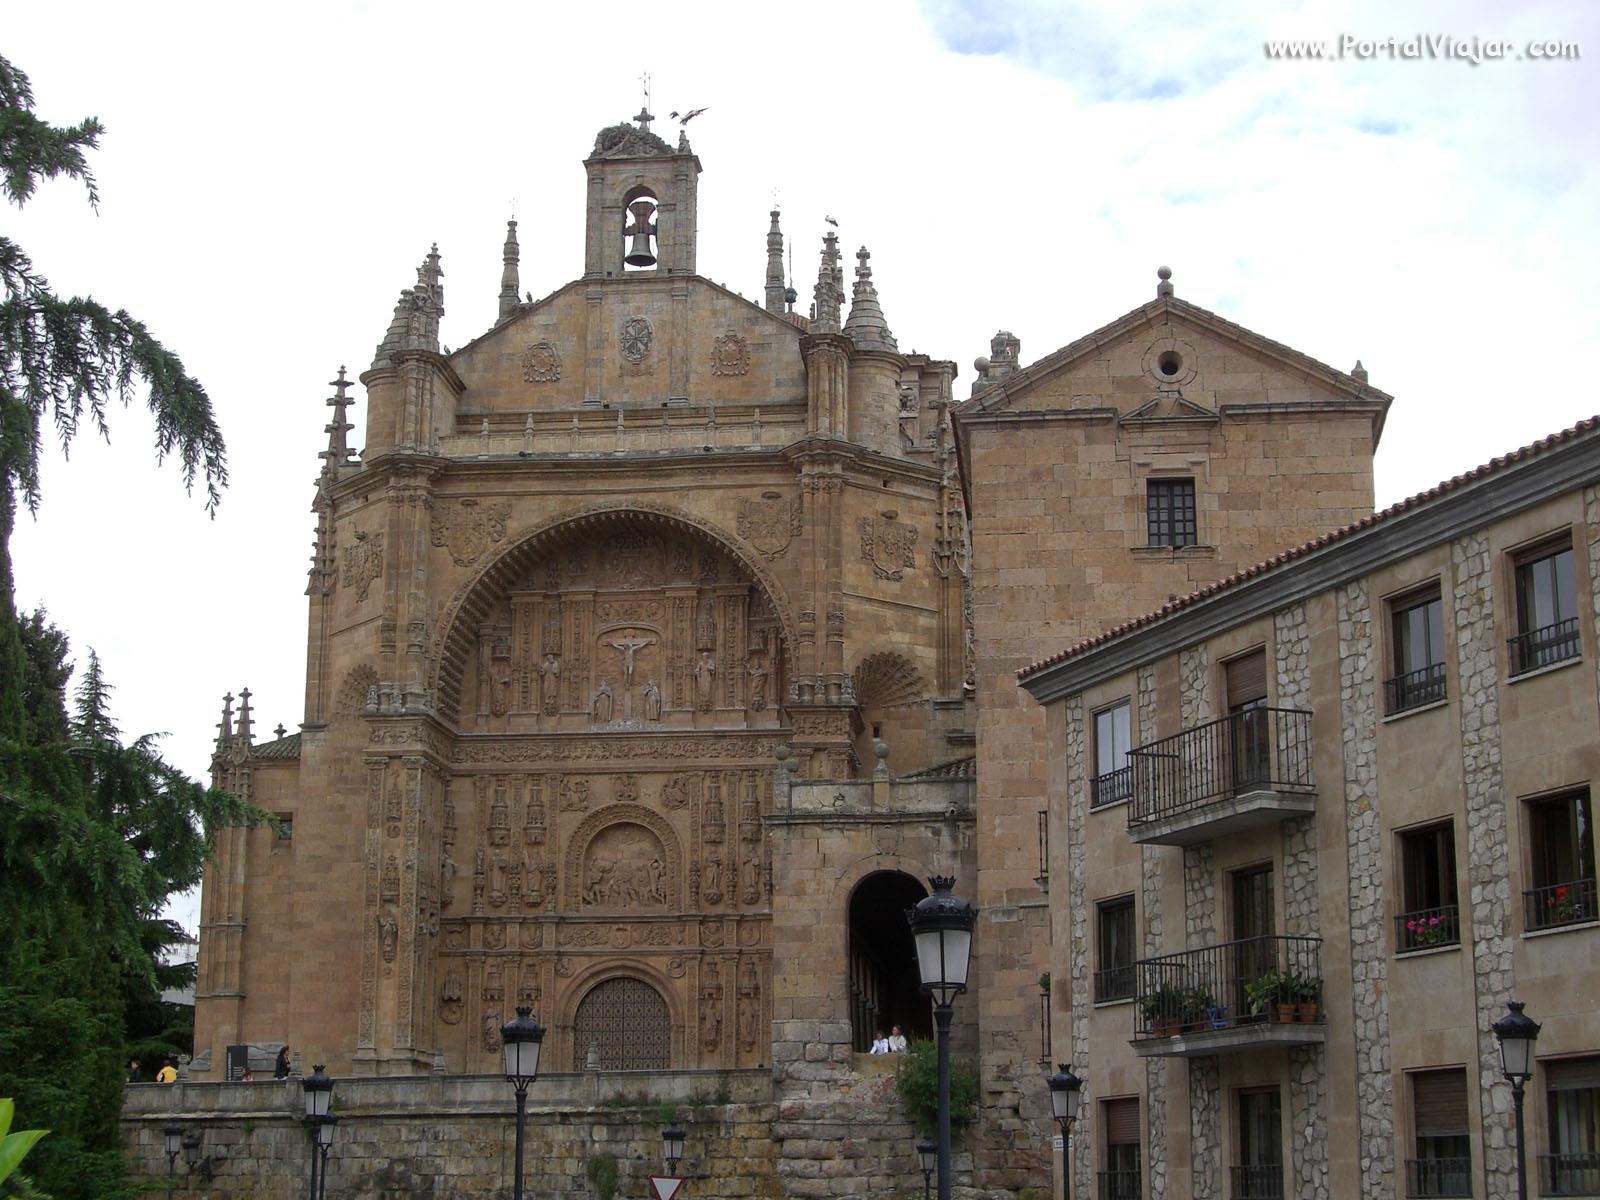 Convento de San Esteban / Los Dominicos (Salamanca)